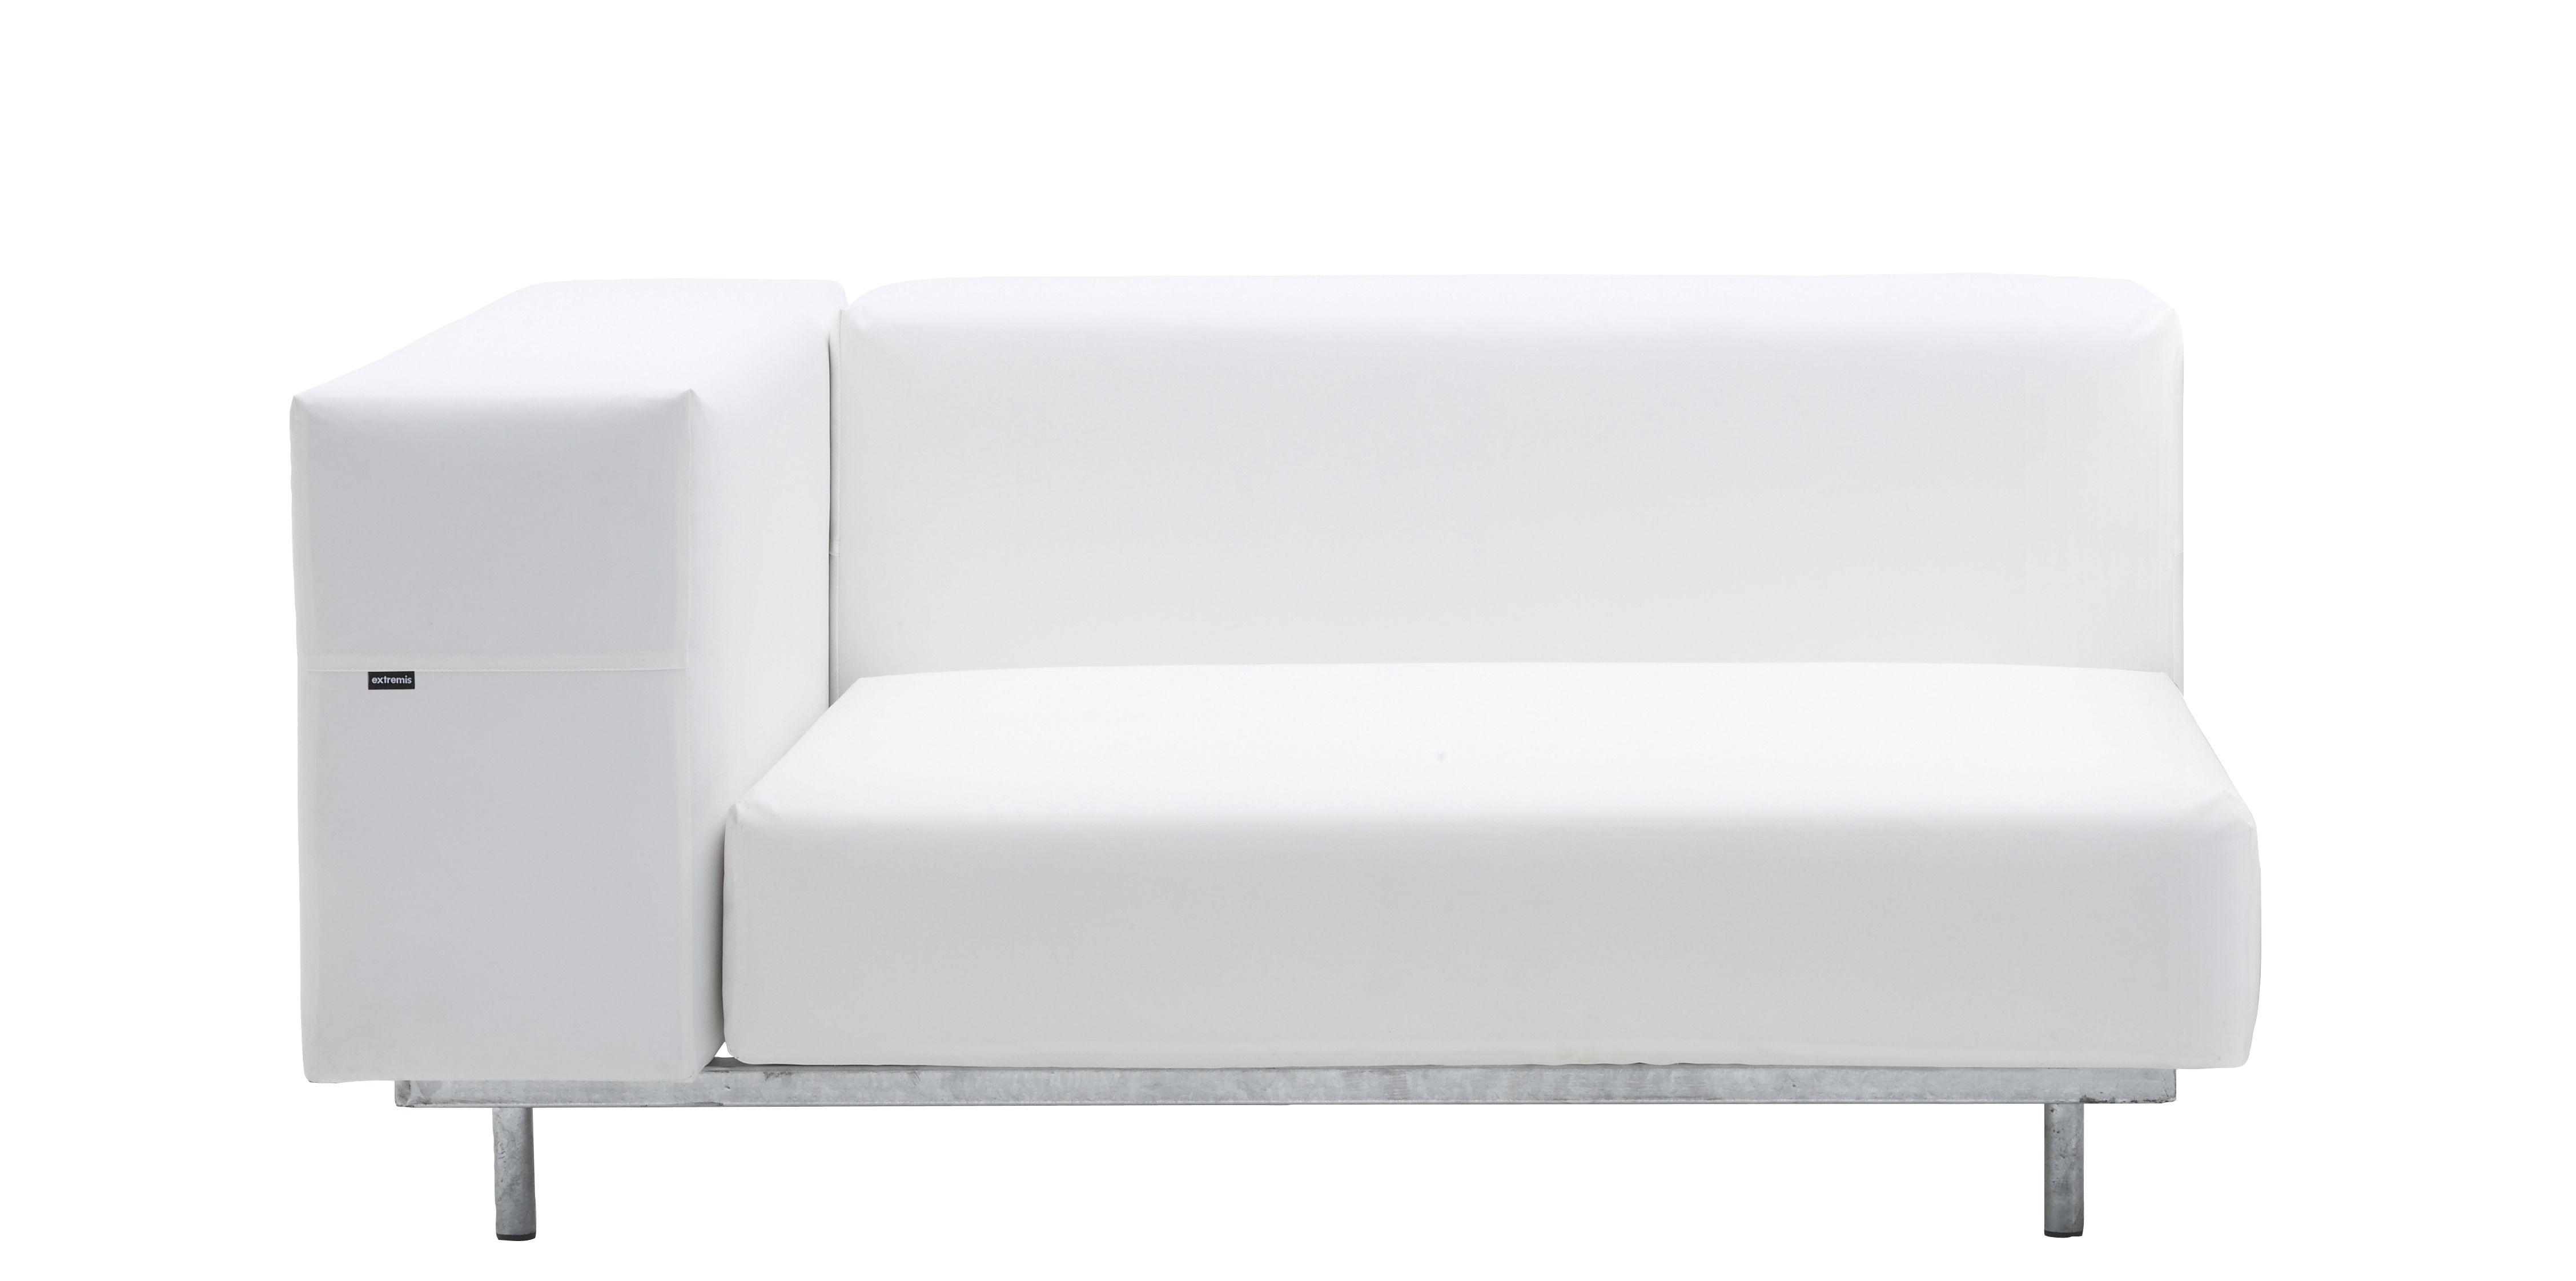 Outdoor - Sofas und Lounge Sessel - Walrus Gepolsterter Sessel / Eck-Element - Extremis - Eckmodul / weiß - galvanisierter Stahl, Polyurethan-Schaum, Toile Tarpaulin